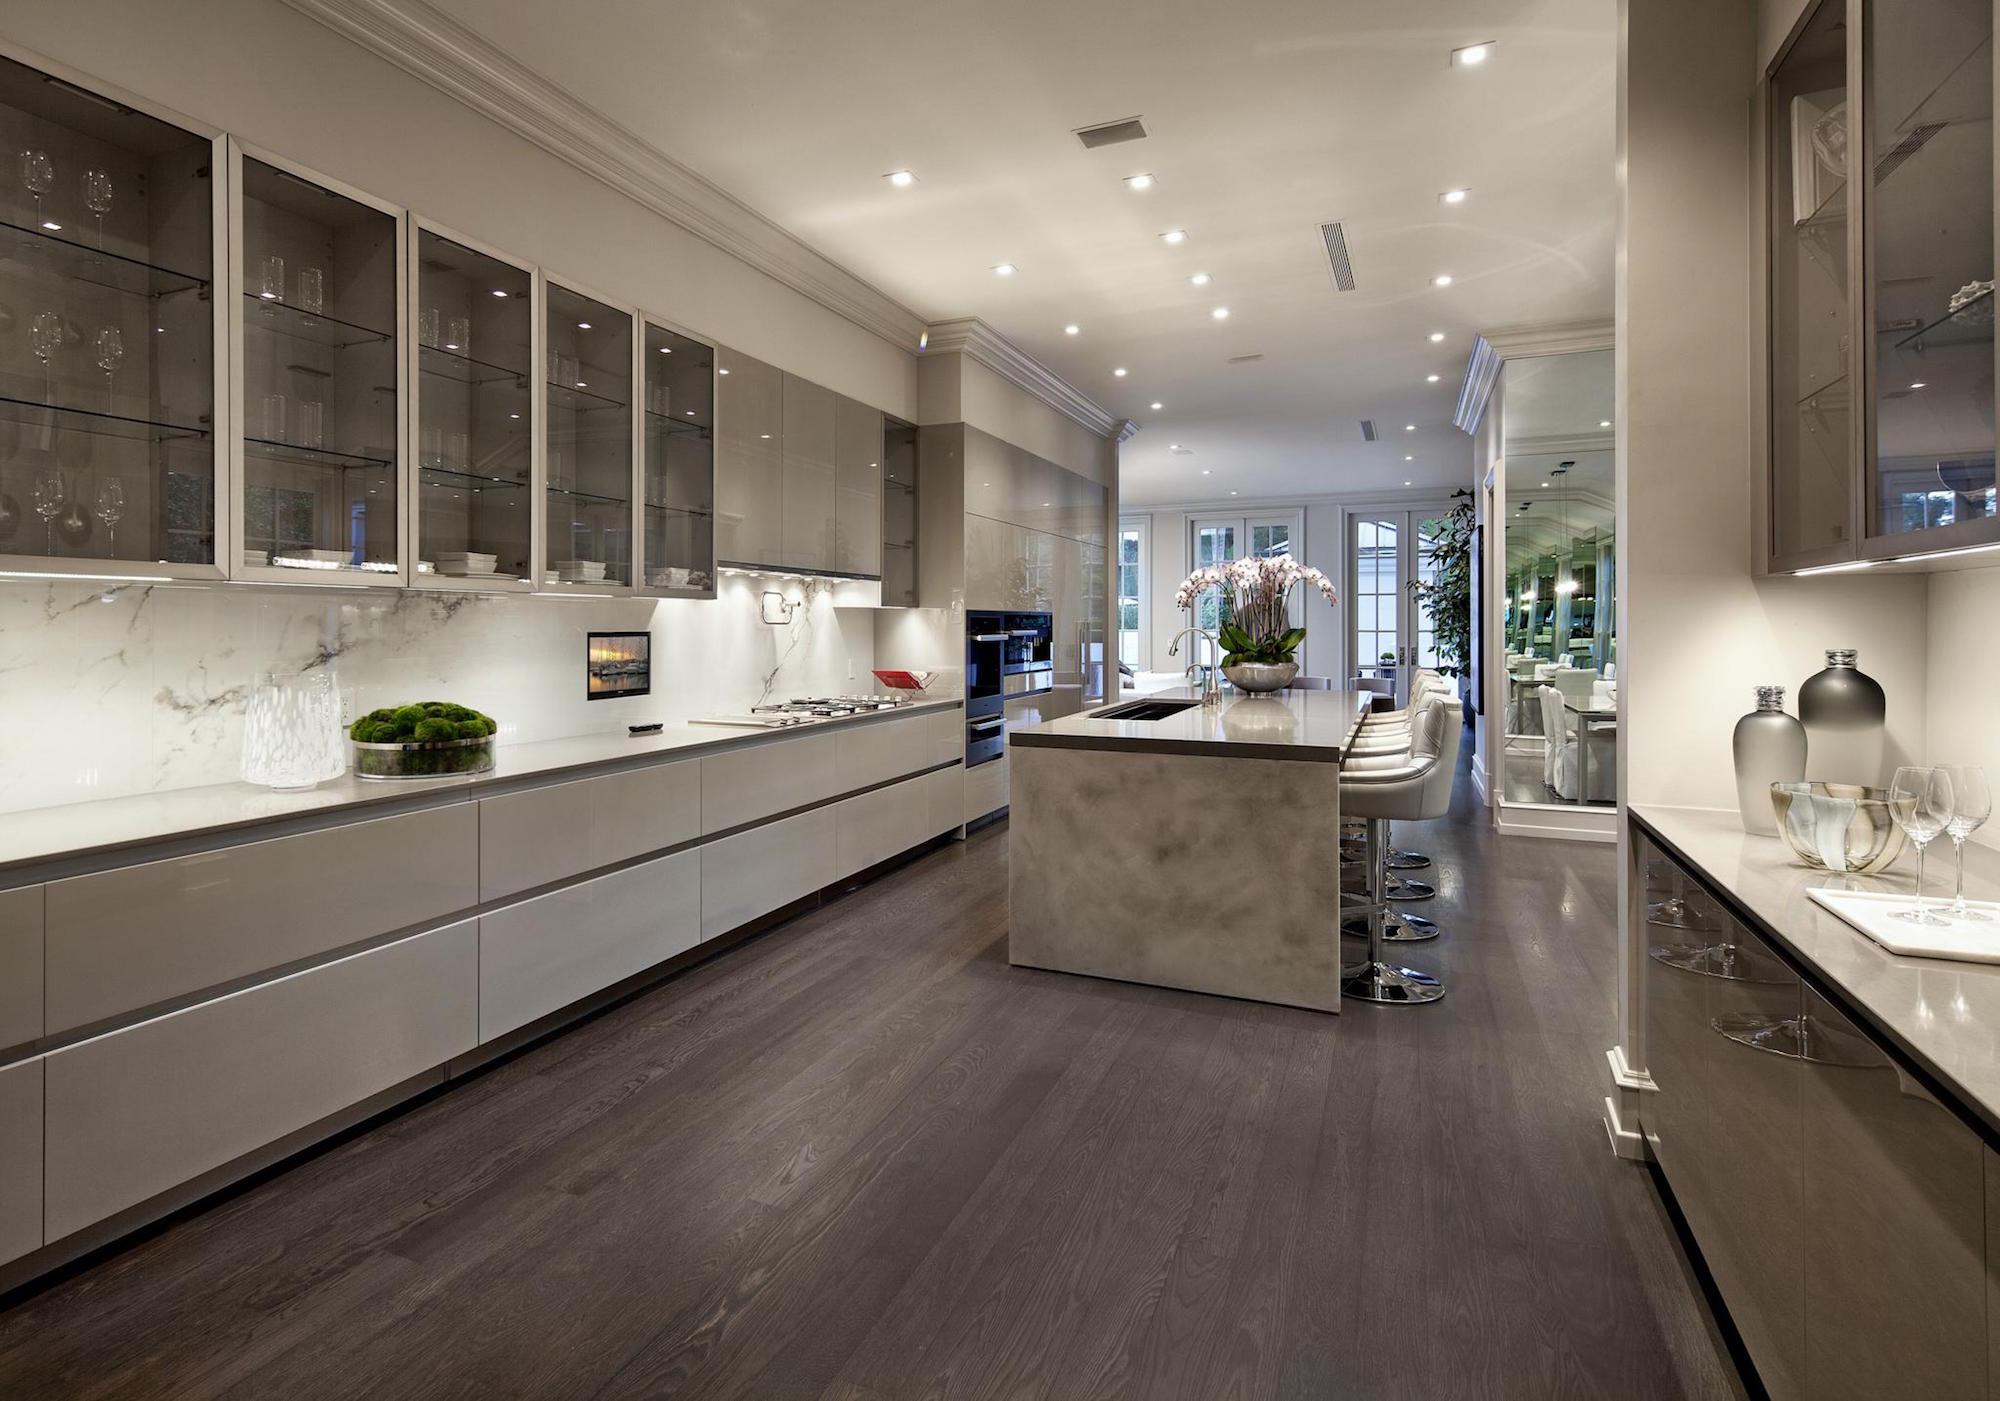 Das Beste für den Champ: Floyd Mayweather kauft Anwesen in Beverly Hills 9